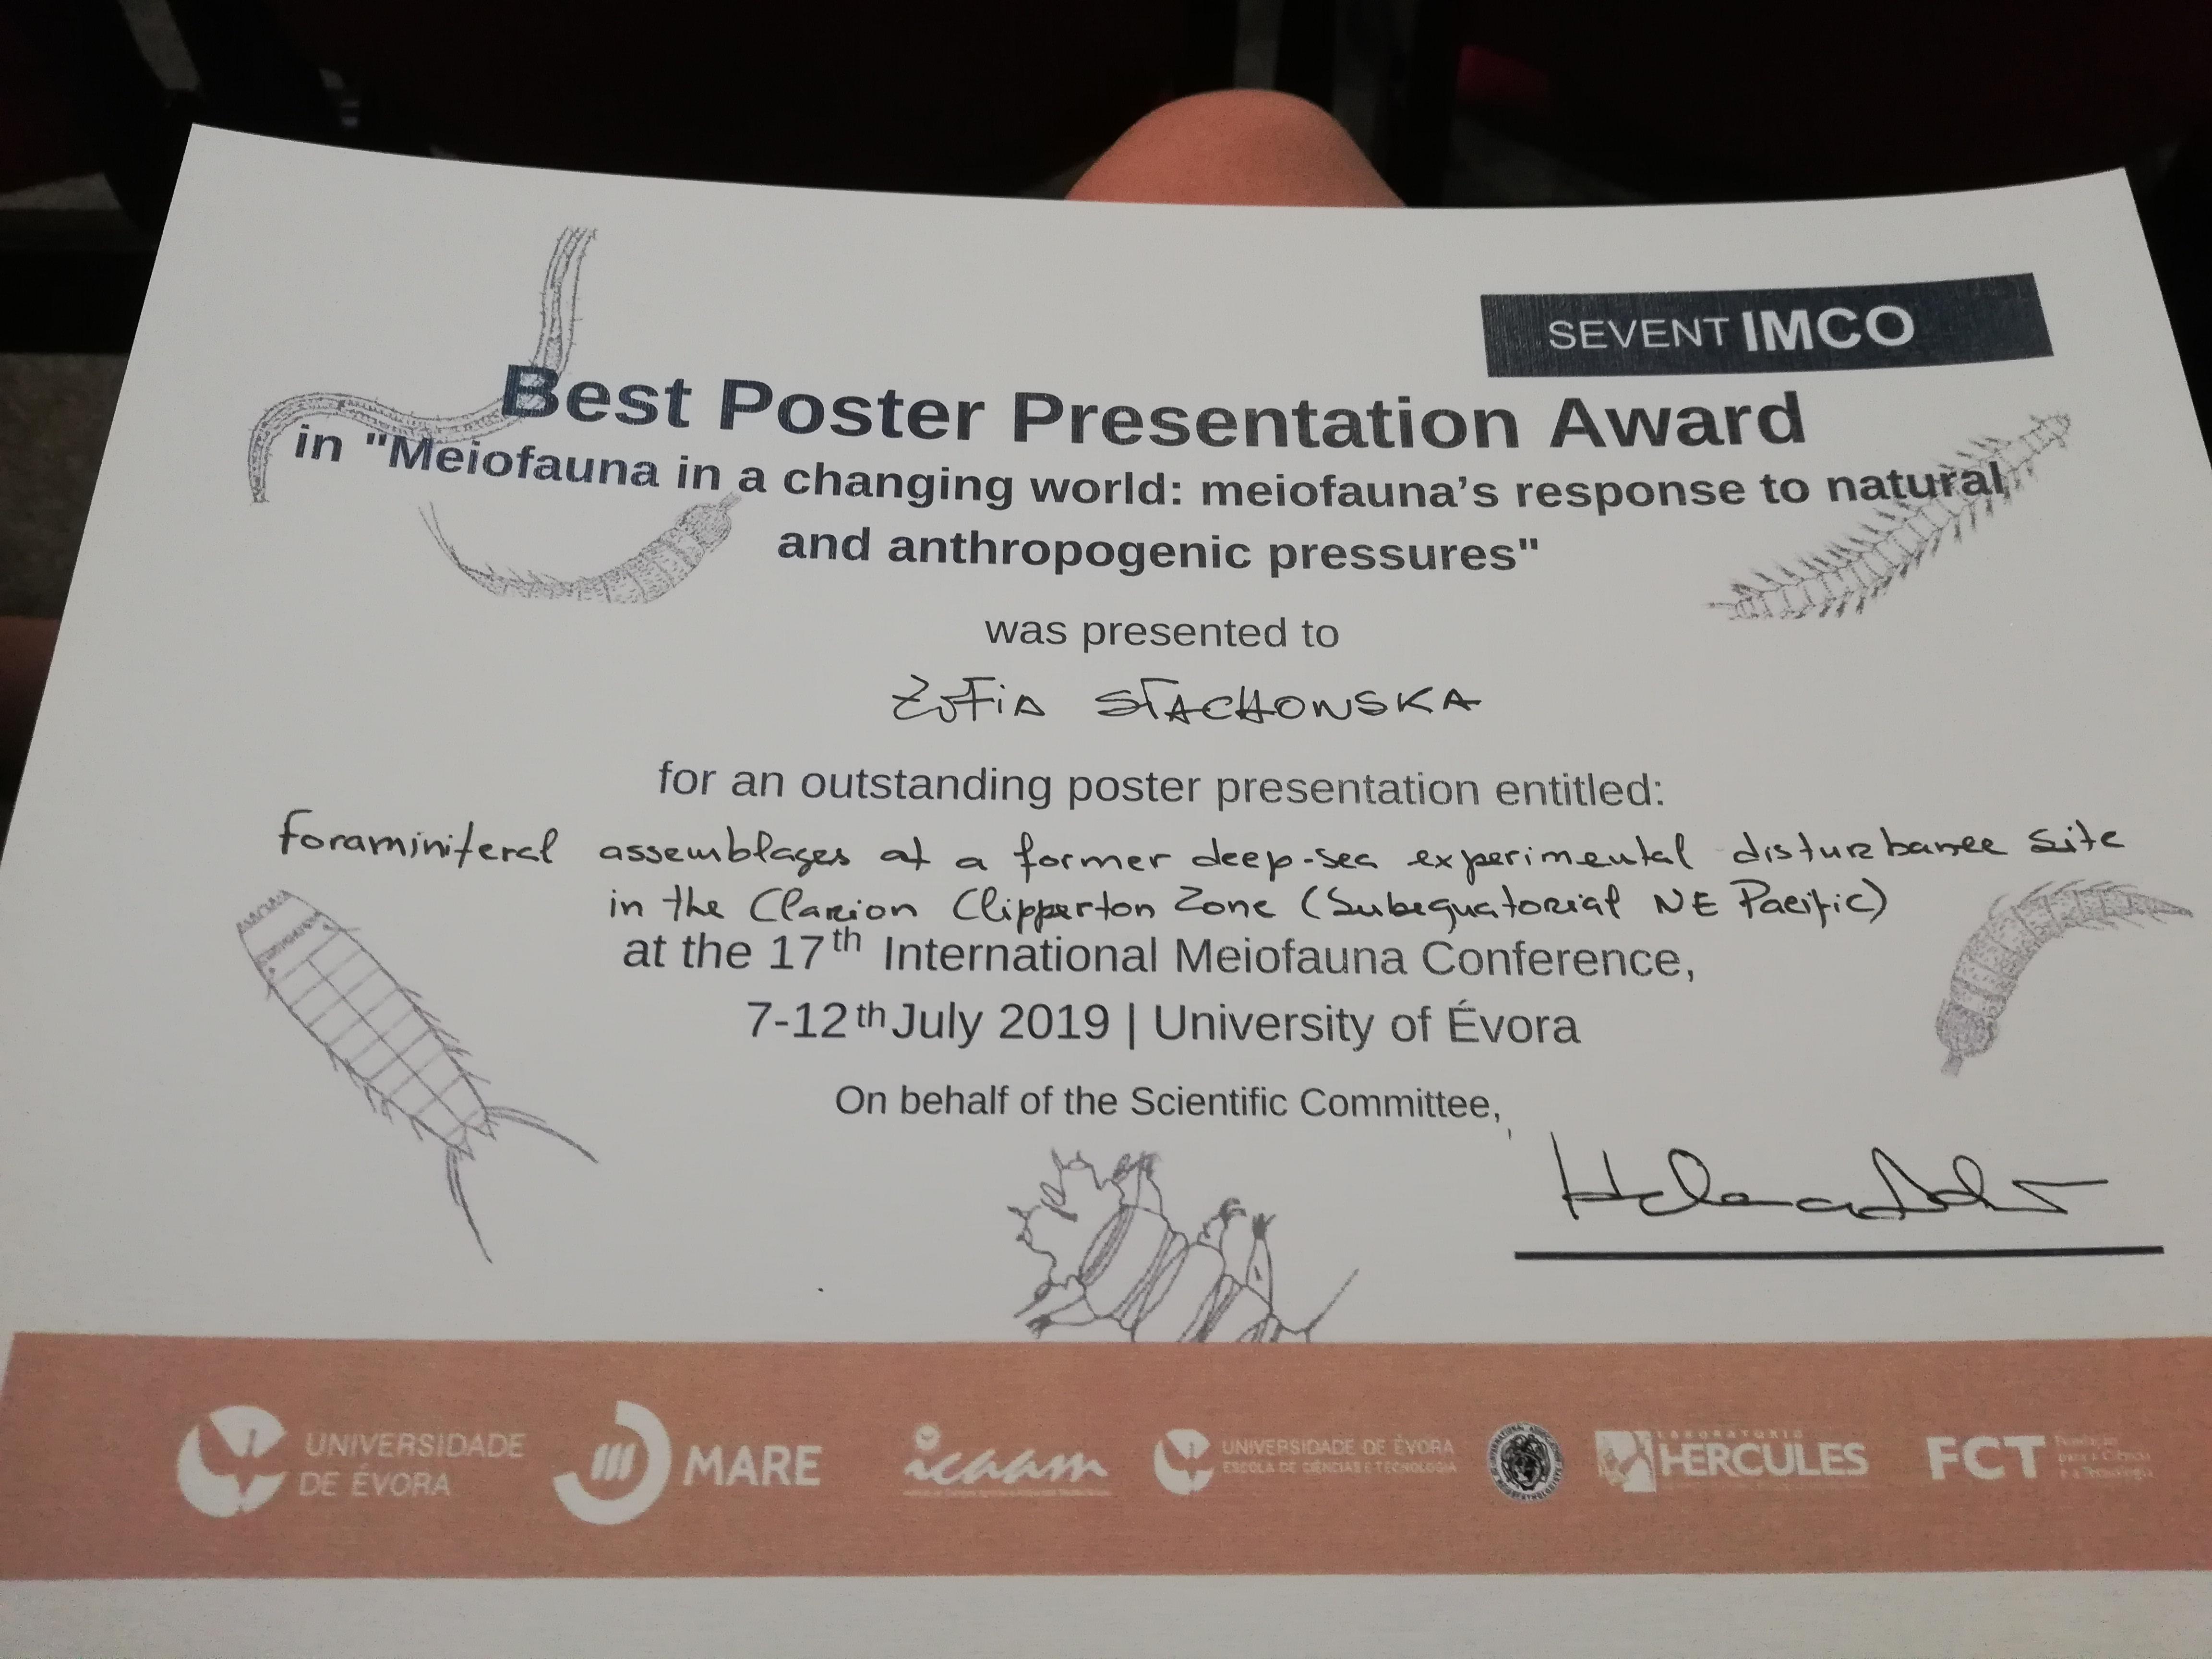 Sukces studentki WNoZu Pani Zofii Stachowskiej na międzynarodowej konferencji w Portugalii